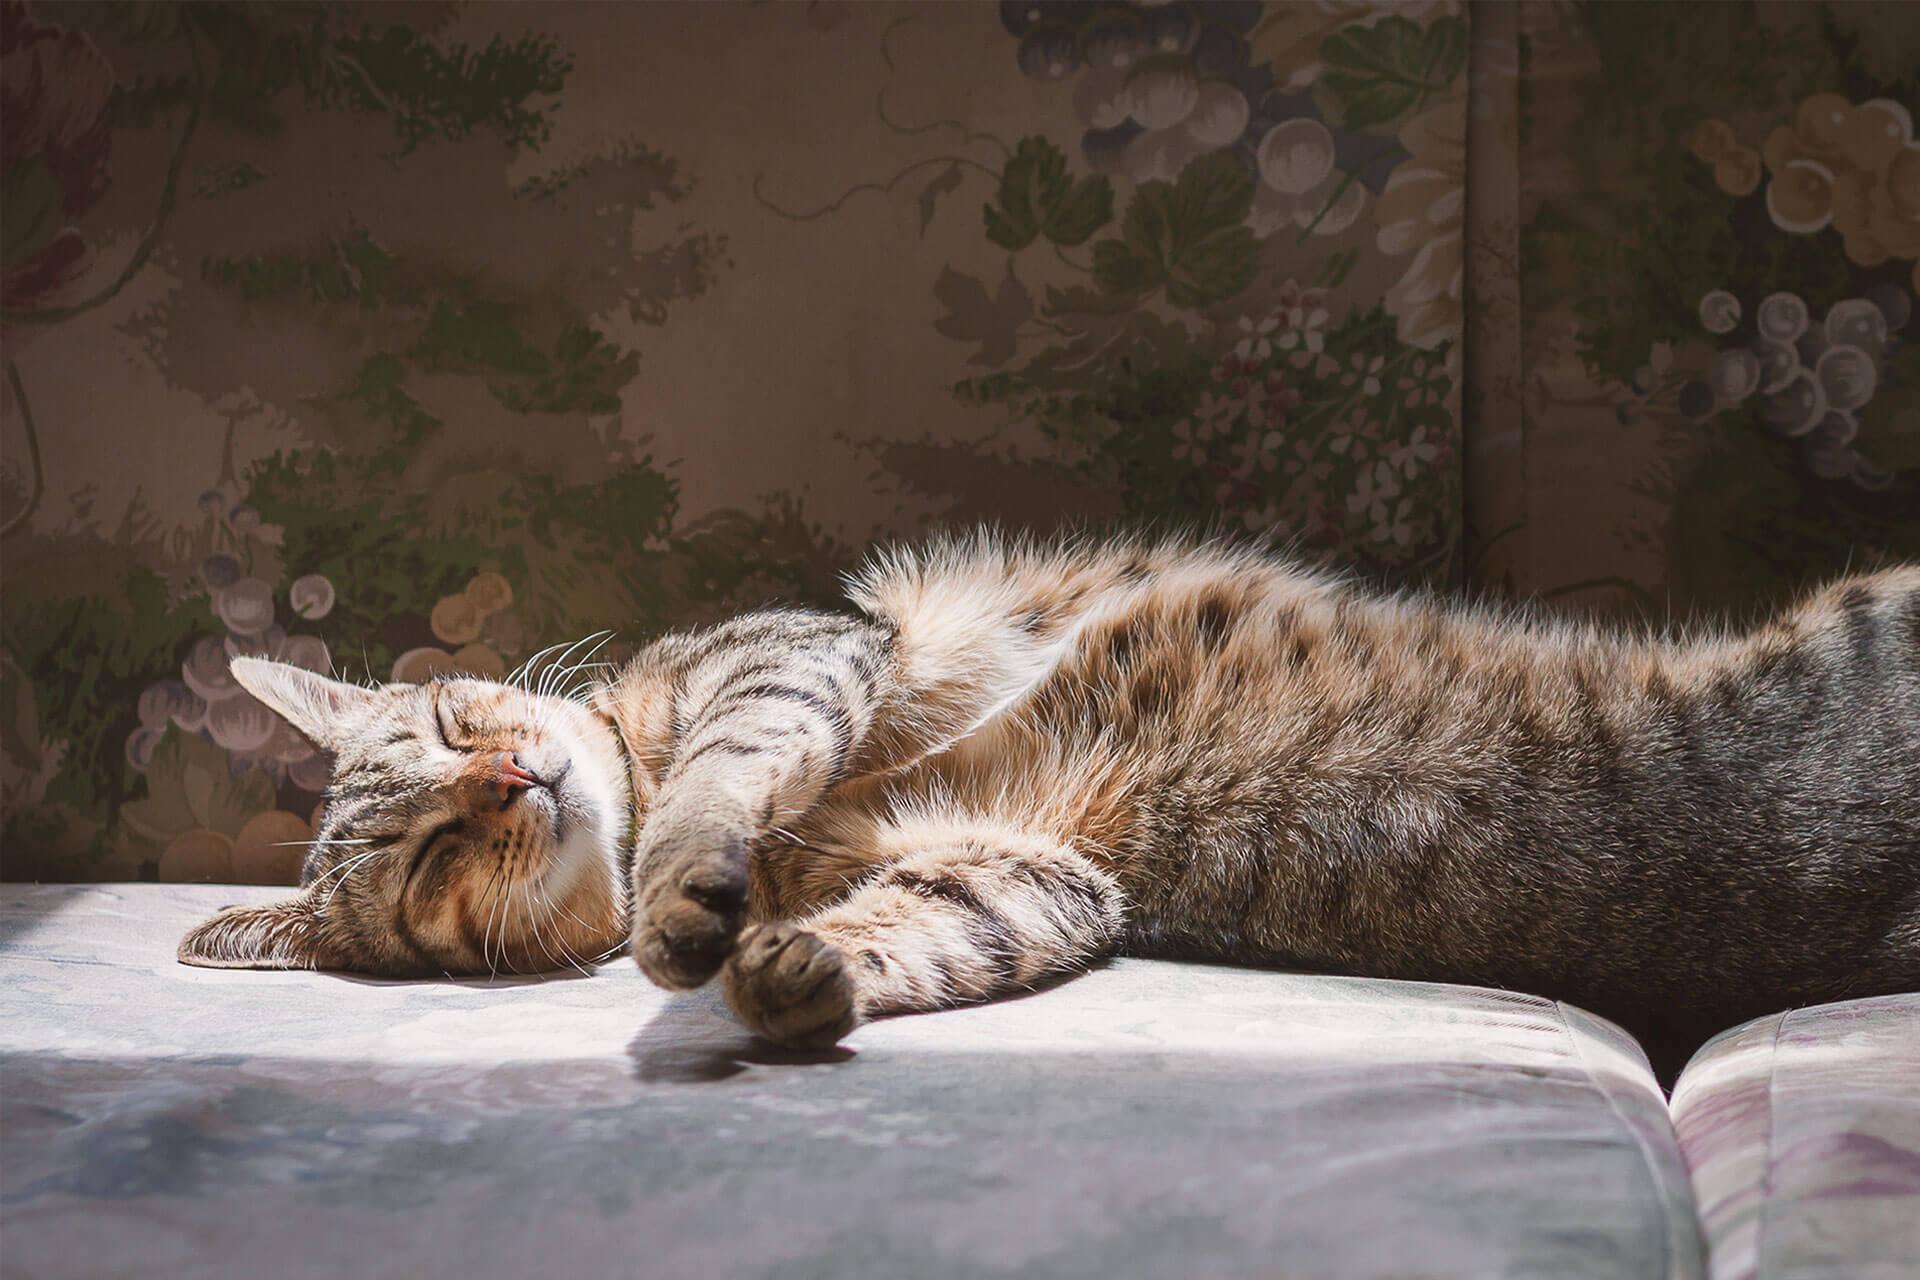 Wann sind Katzen am aktivsten und wie viel Schlaf brauchen sie?